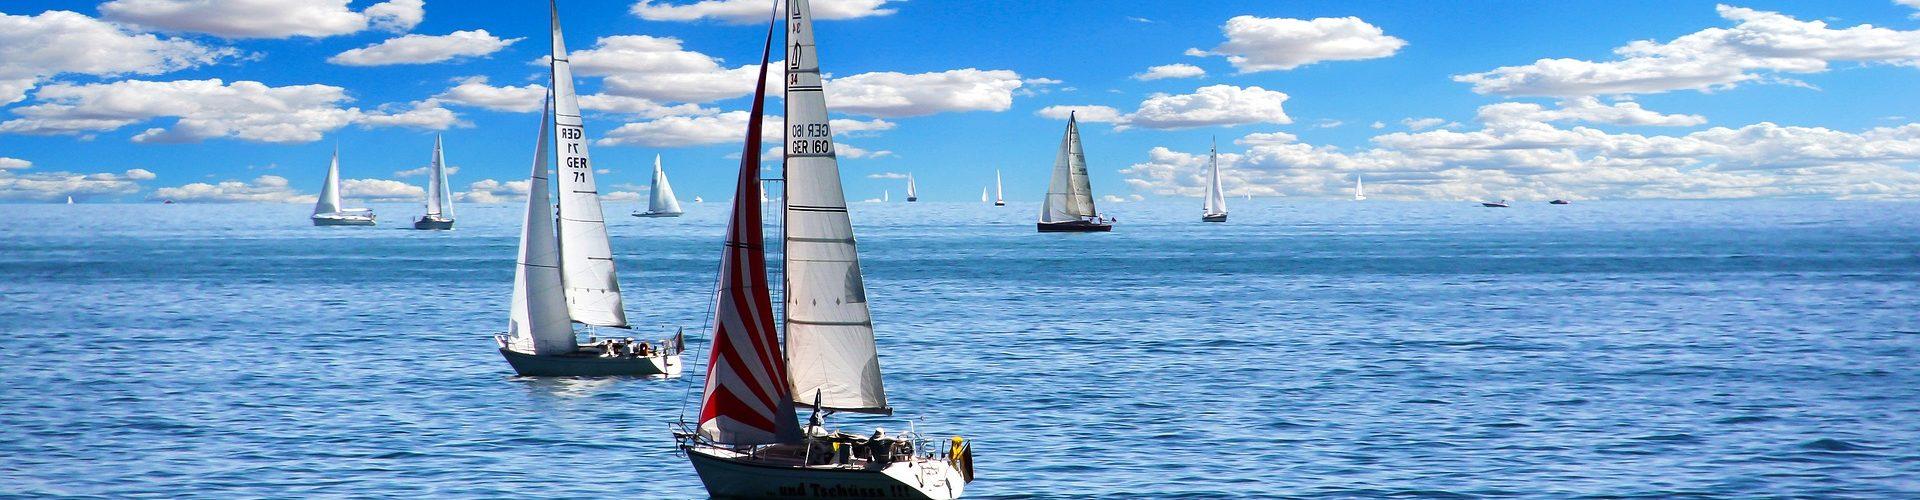 segeln lernen in Kleinmachnow segelschein machen in Kleinmachnow 1920x500 - Segeln lernen in Kleinmachnow